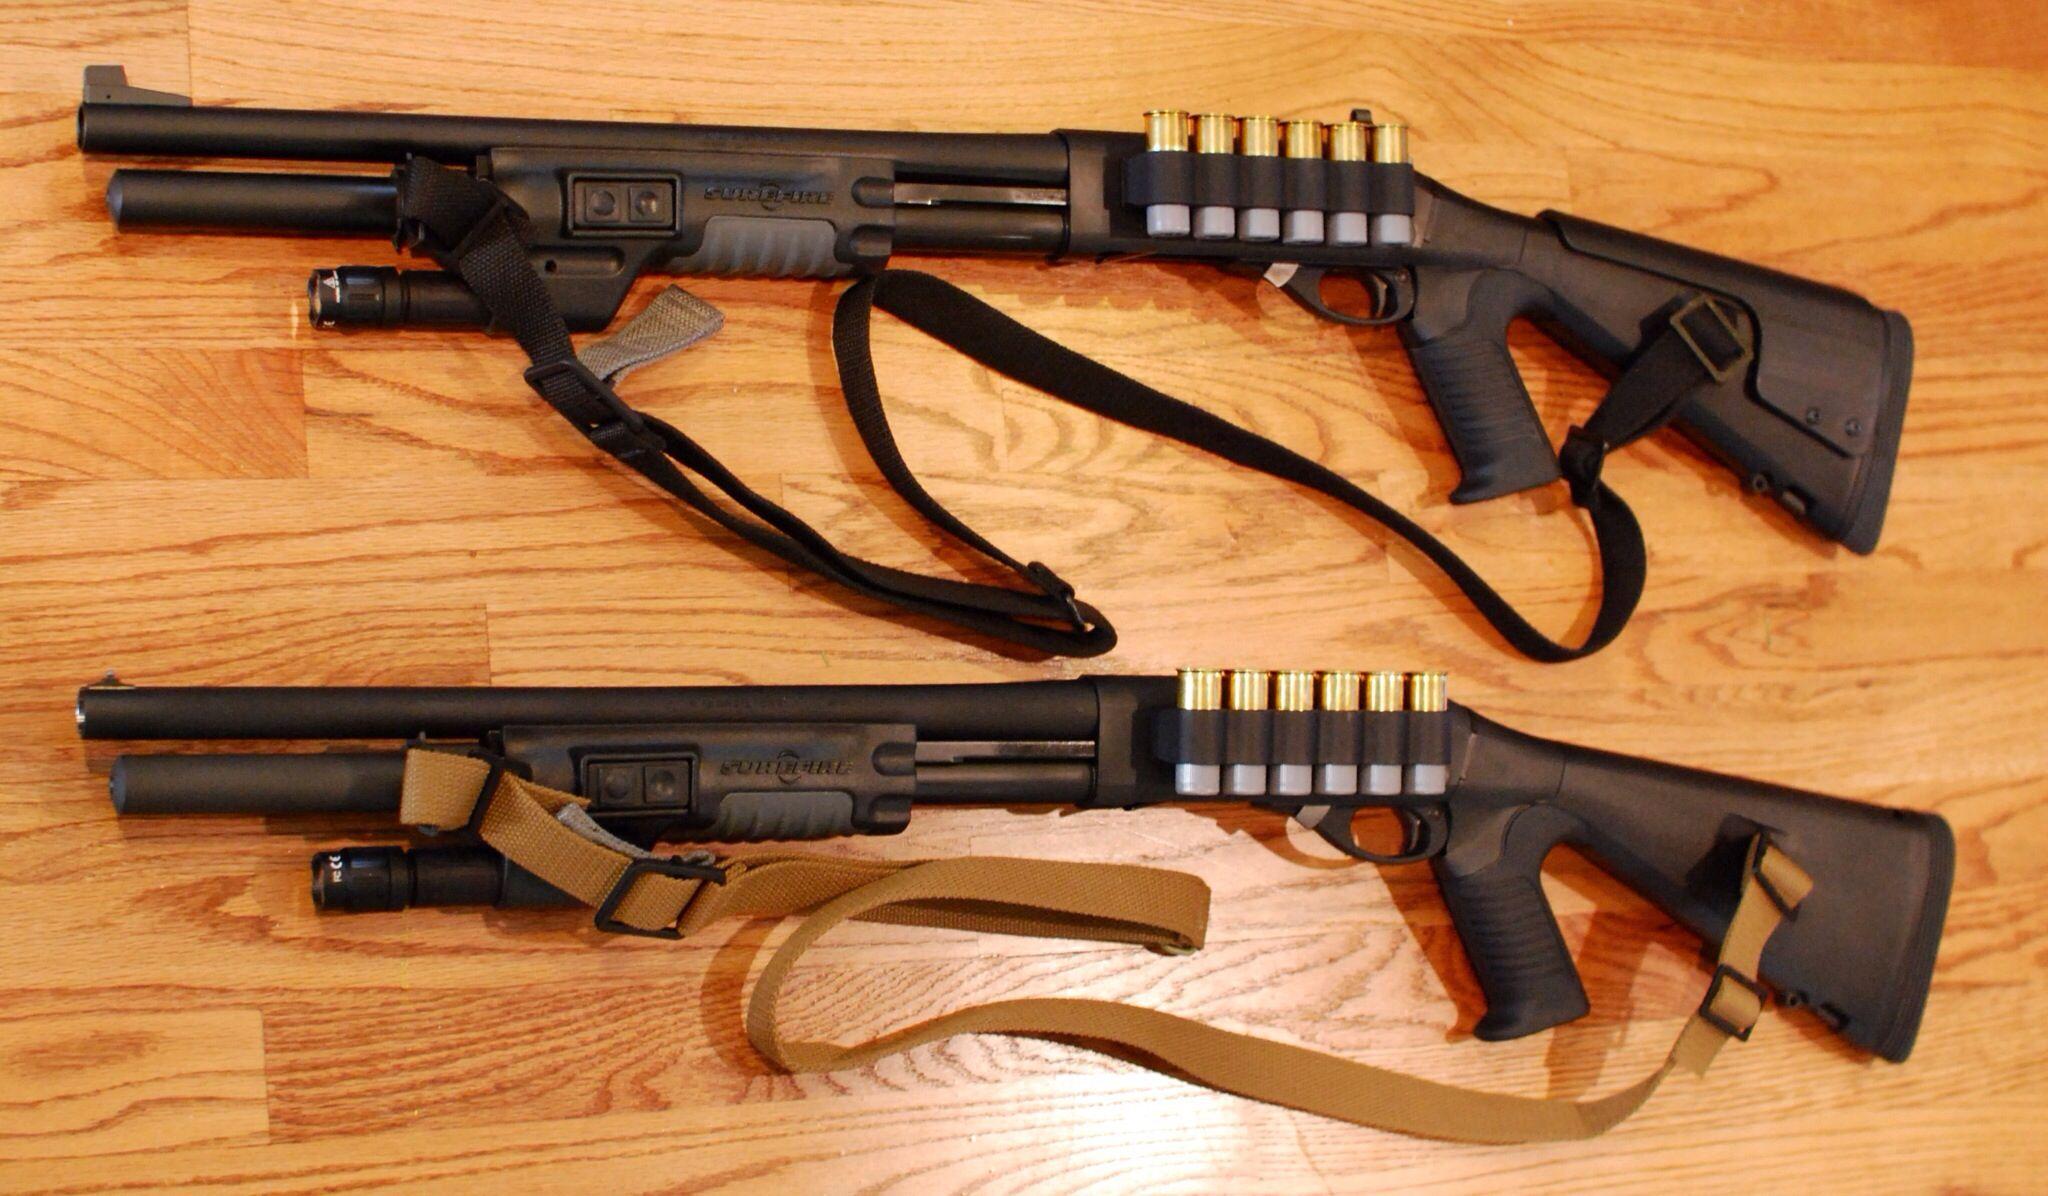 Tactical shotgun (With images) Tactical shotgun, Mesa